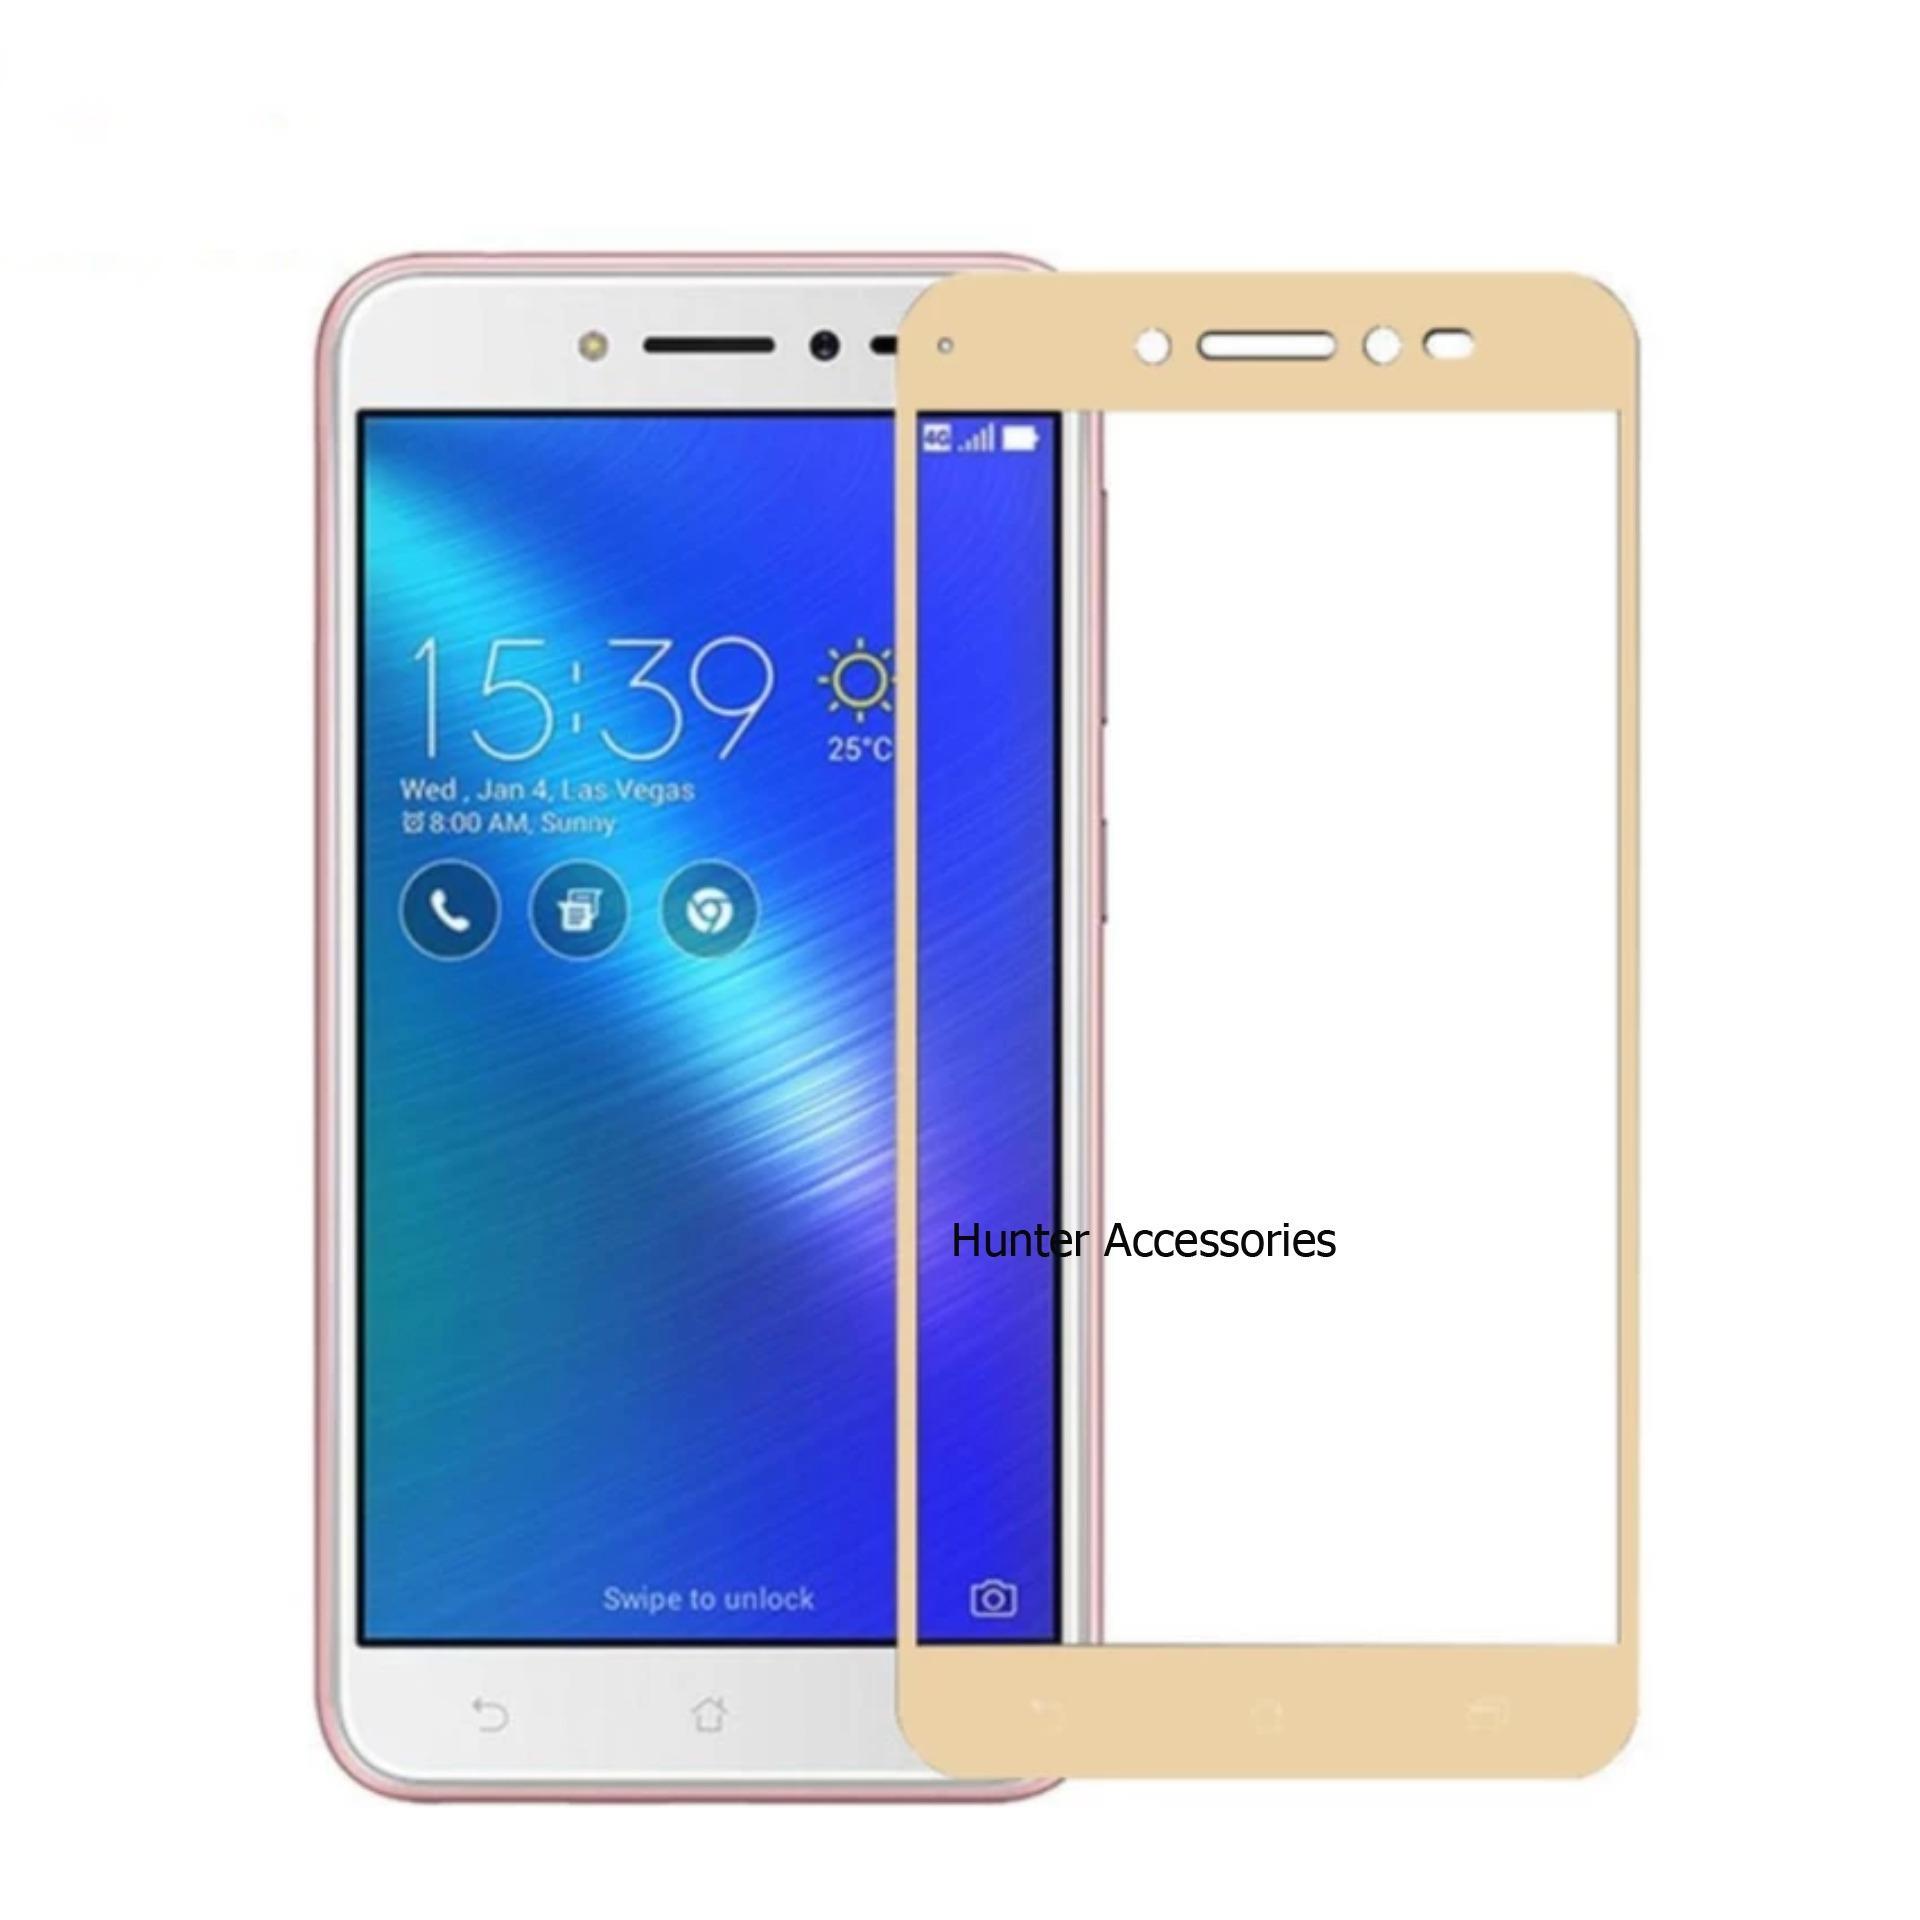 e93e30e7dccc37aa4a27cf757da7b1b7 Harga Daftar Harga Hp Asus Zenfone 4c Terbaru Maret 2019